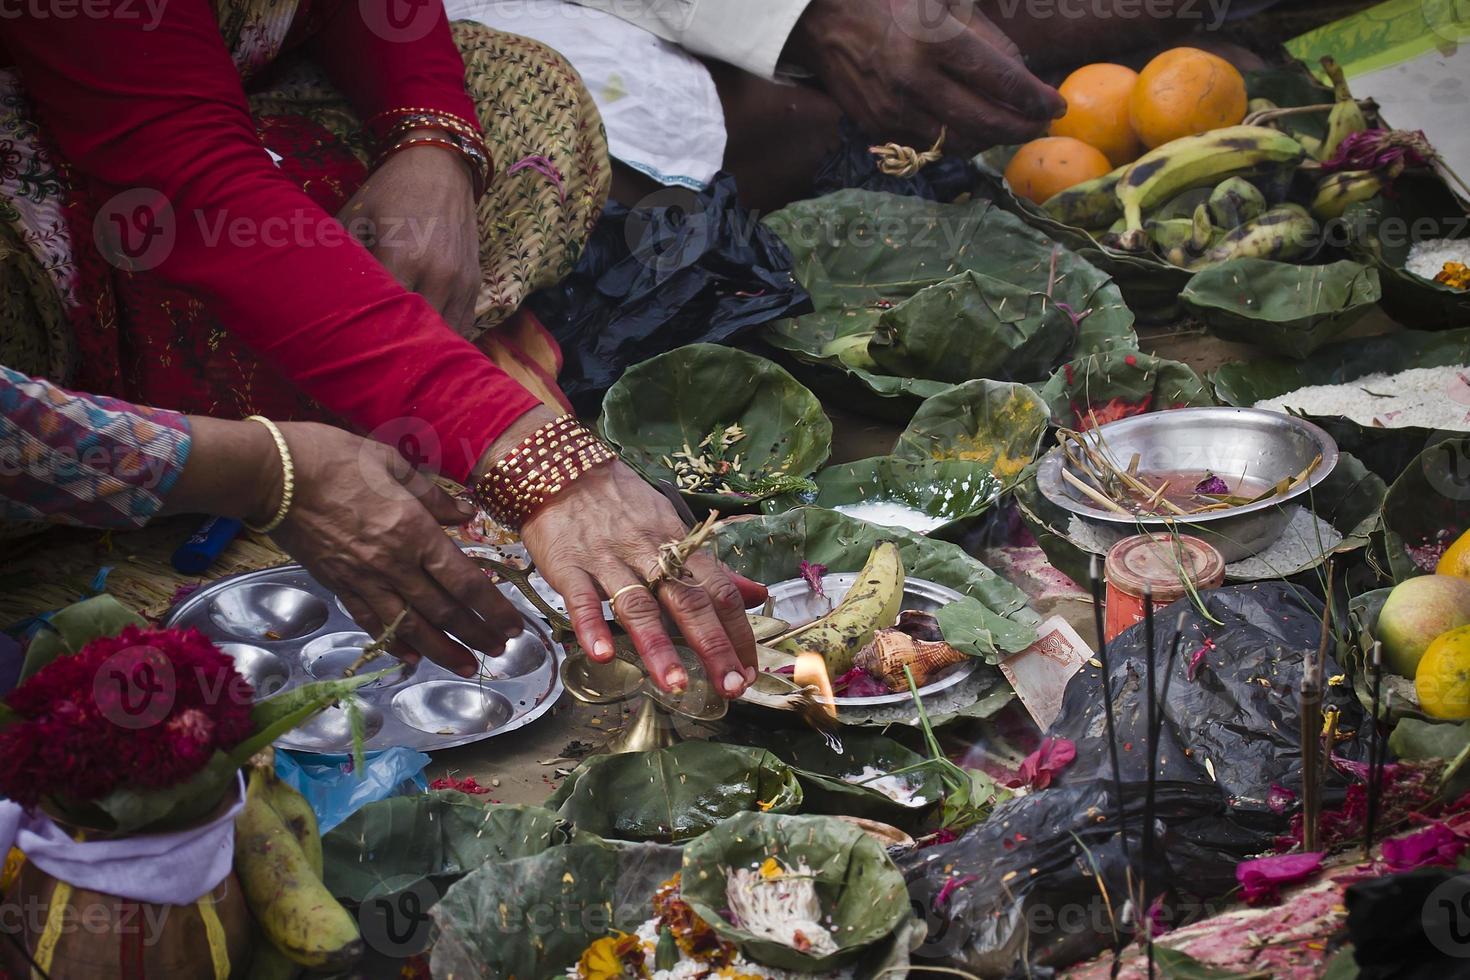 Opfergabe in nepalesischer Hindu-Zeremonie (Puja) foto